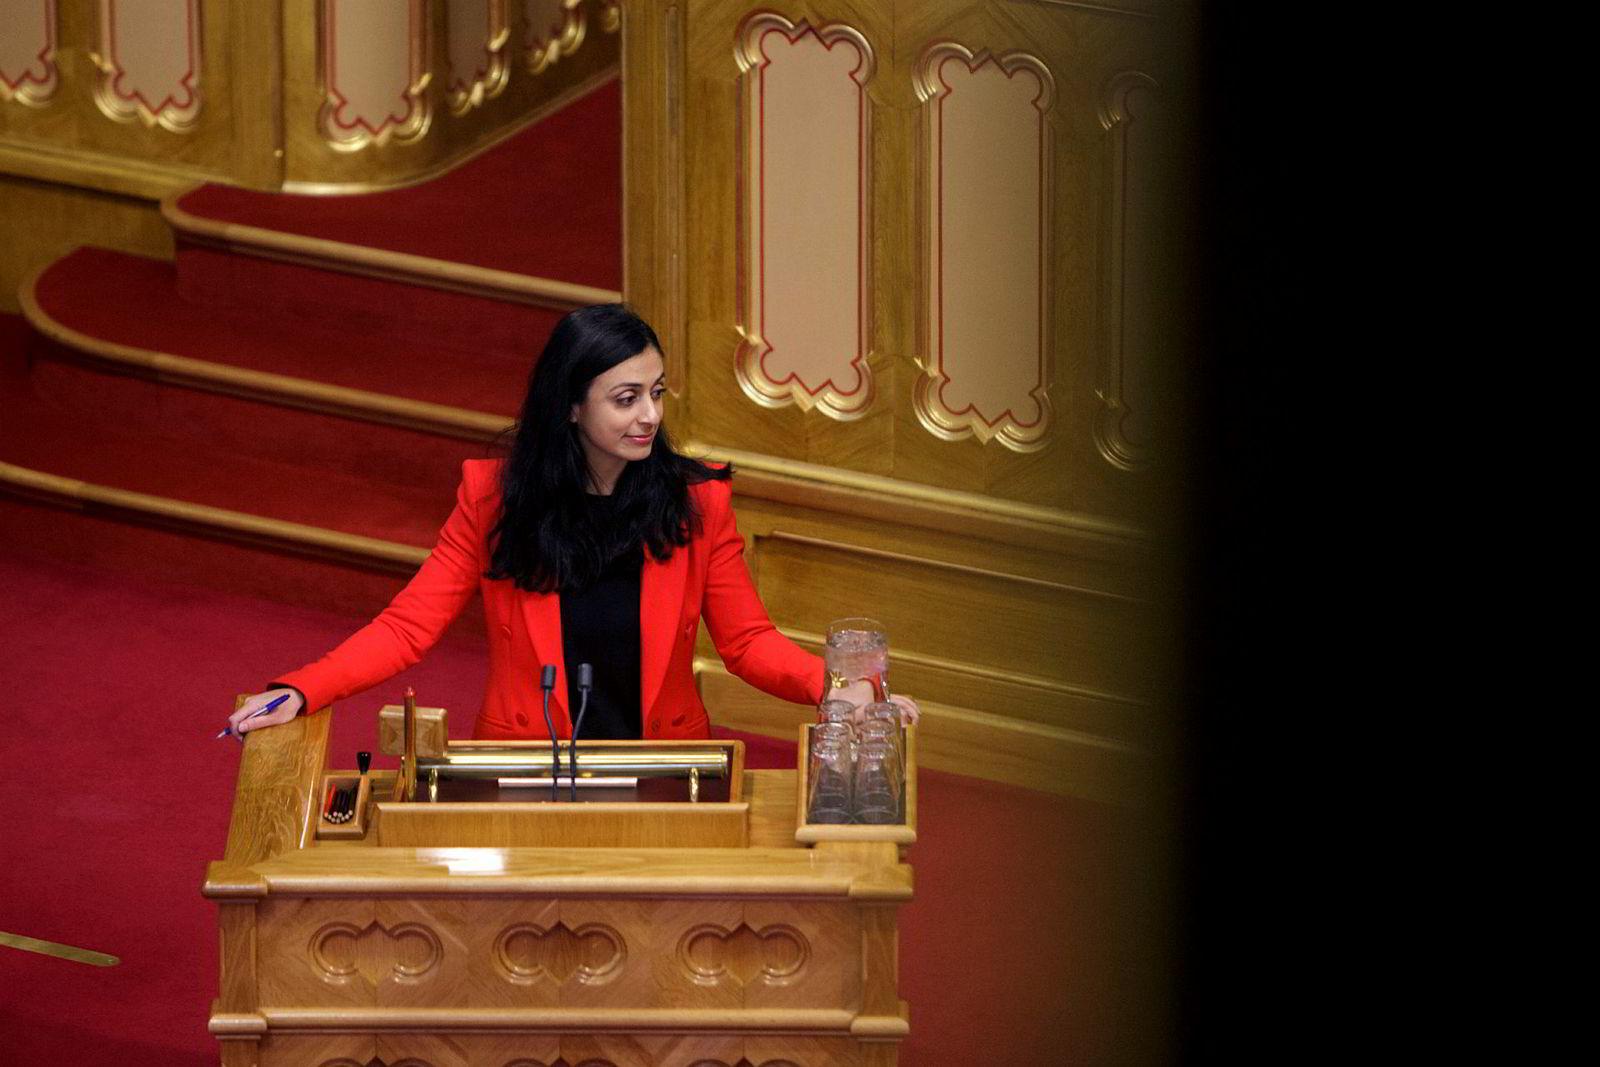 Arbeiderpartiets nestleder Hadia Tajik sier til DN at regjeringen har gjort en for dårlig jobb, og at det ikke er bra nok at en tredjedel av de i yrkesaktiv alder står uten jobb.